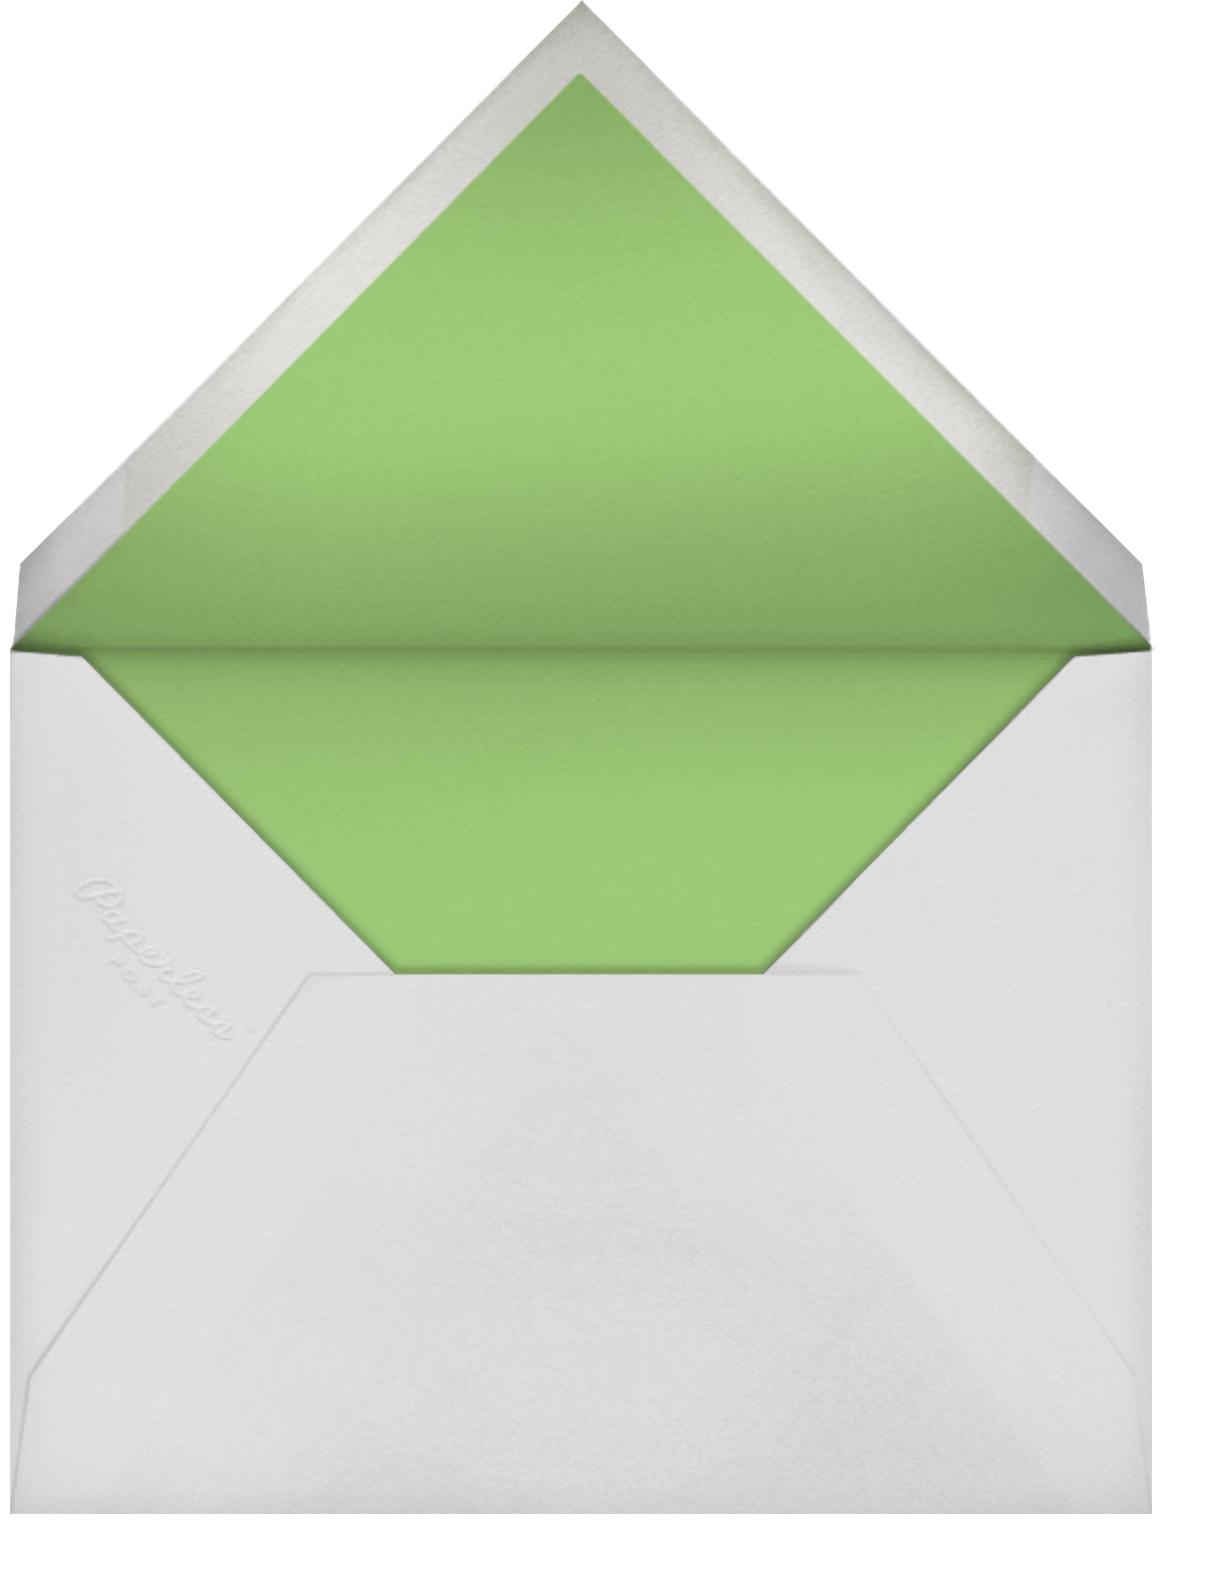 Mascarene (Stationery) - Crane & Co. - null - envelope back